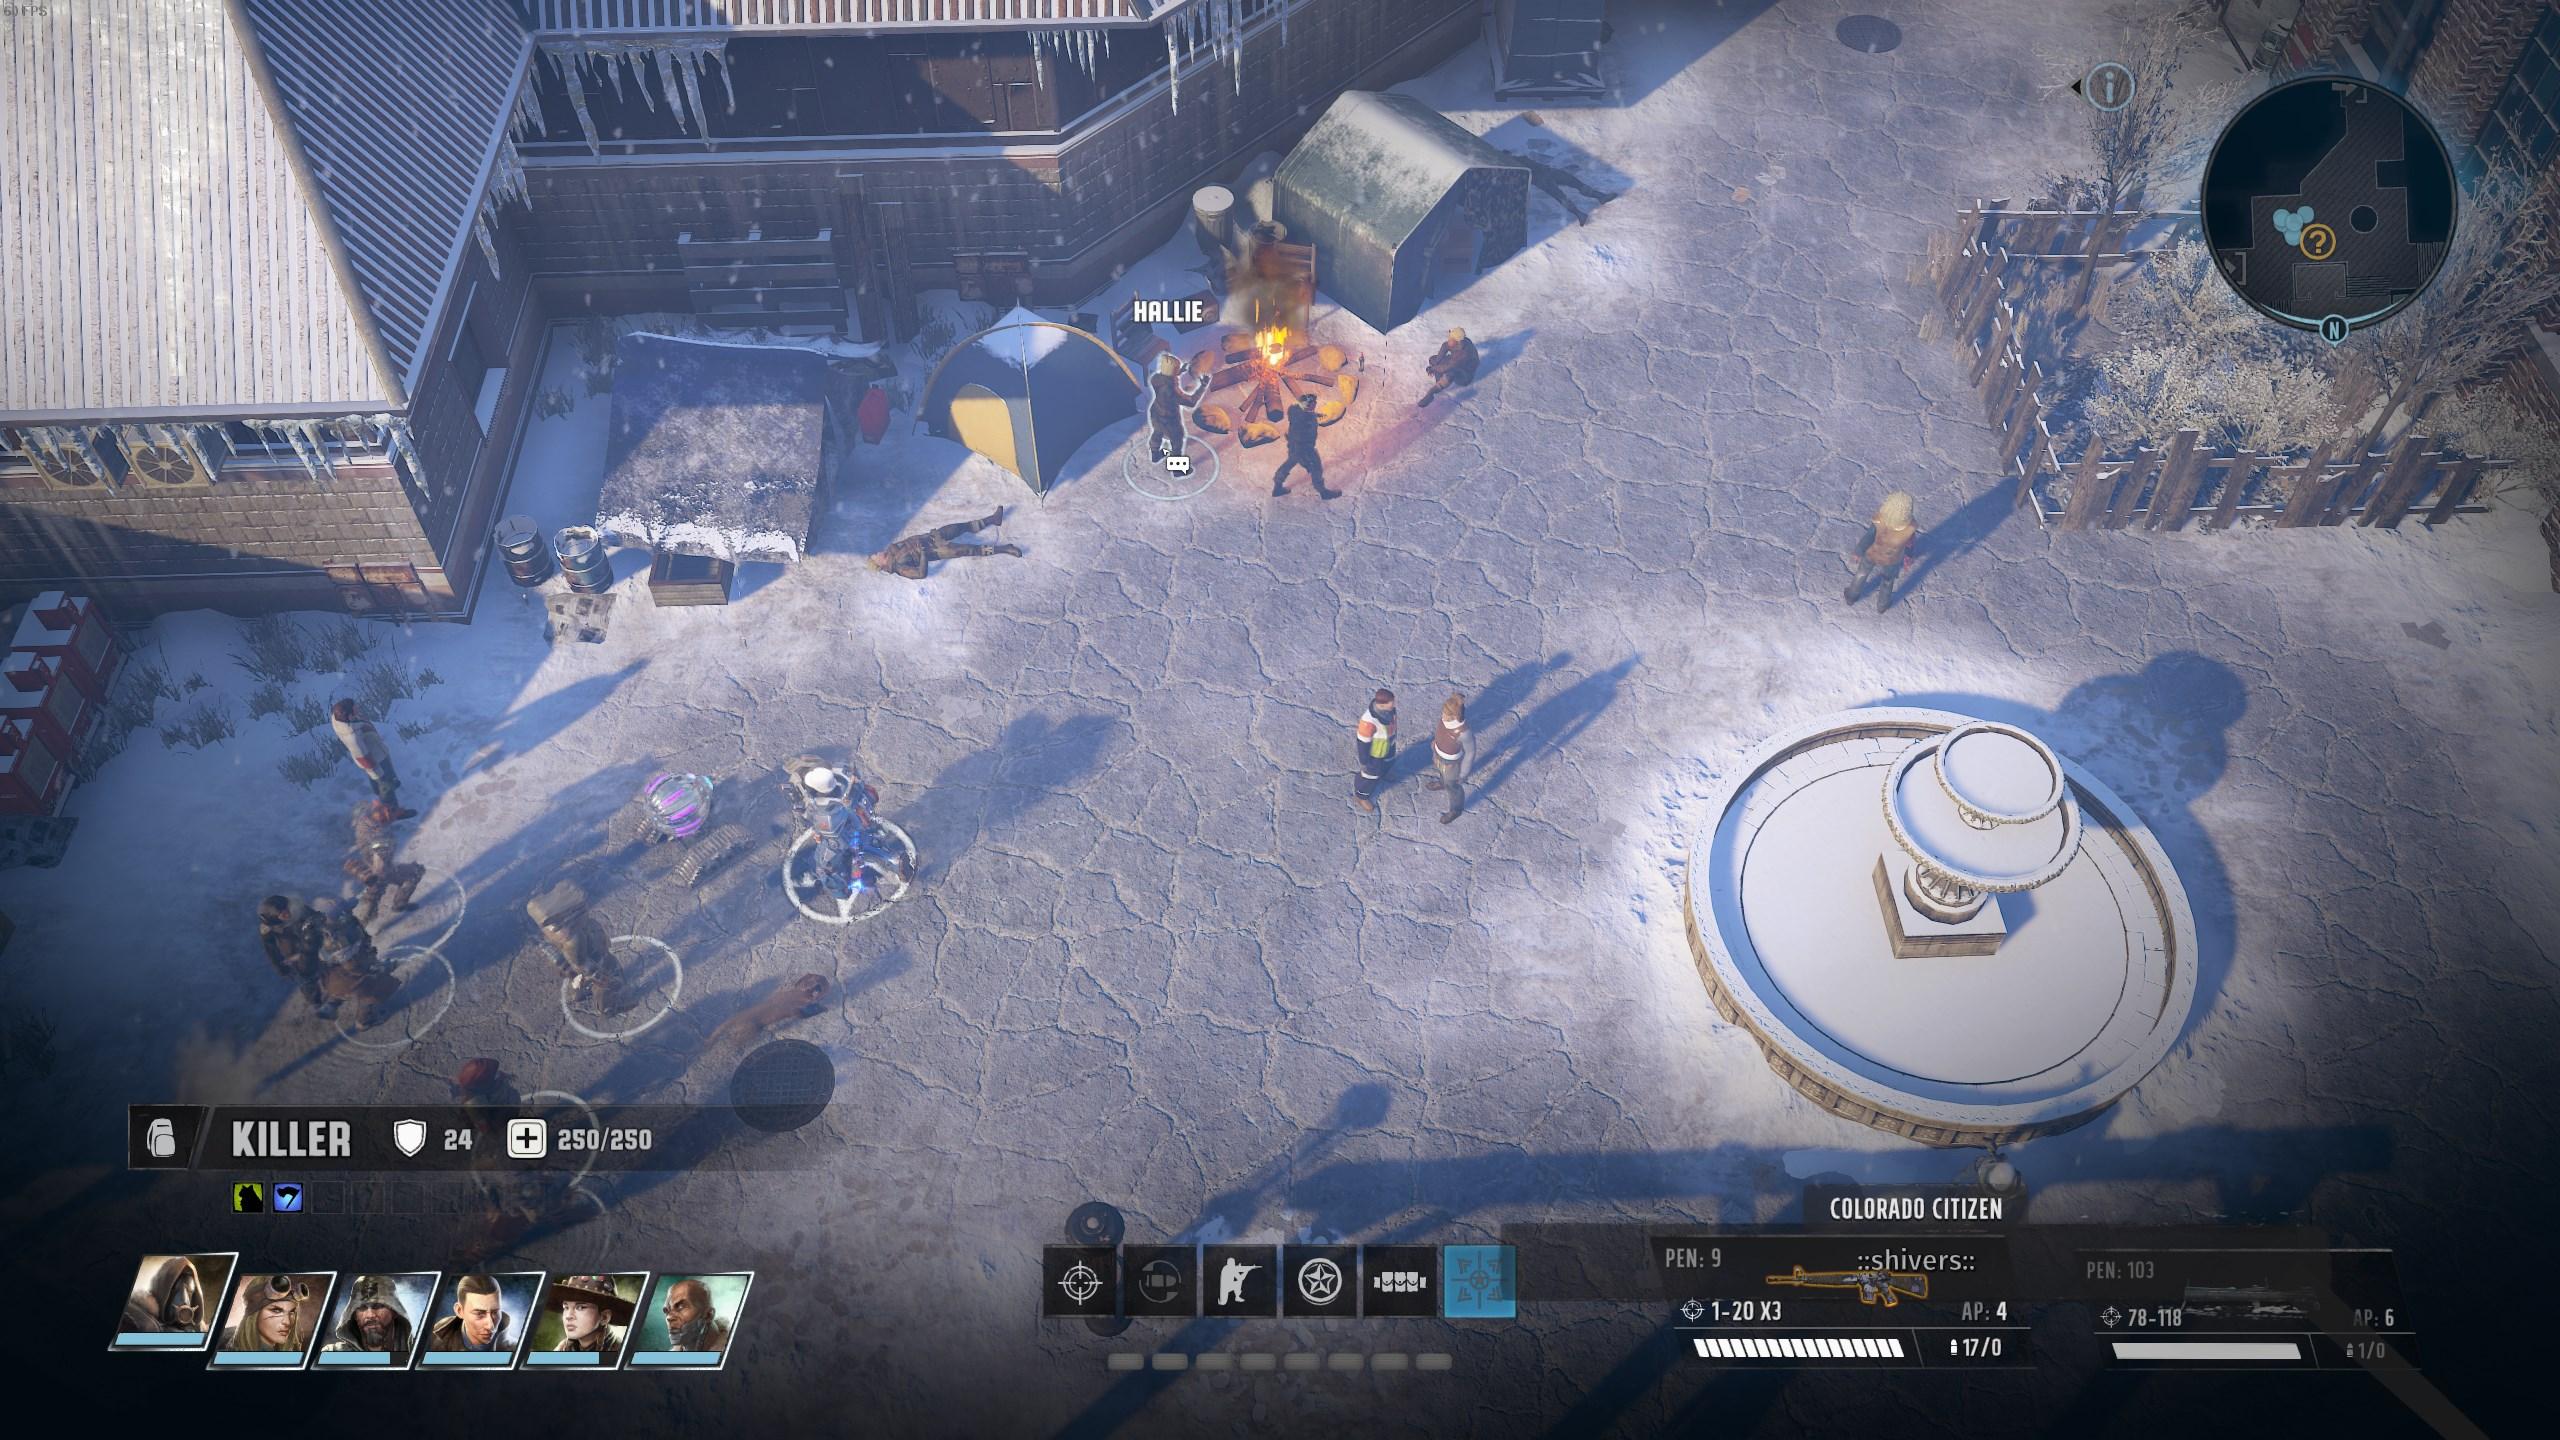 Ranger HQ vault code - Hallie location - Wasteland 3